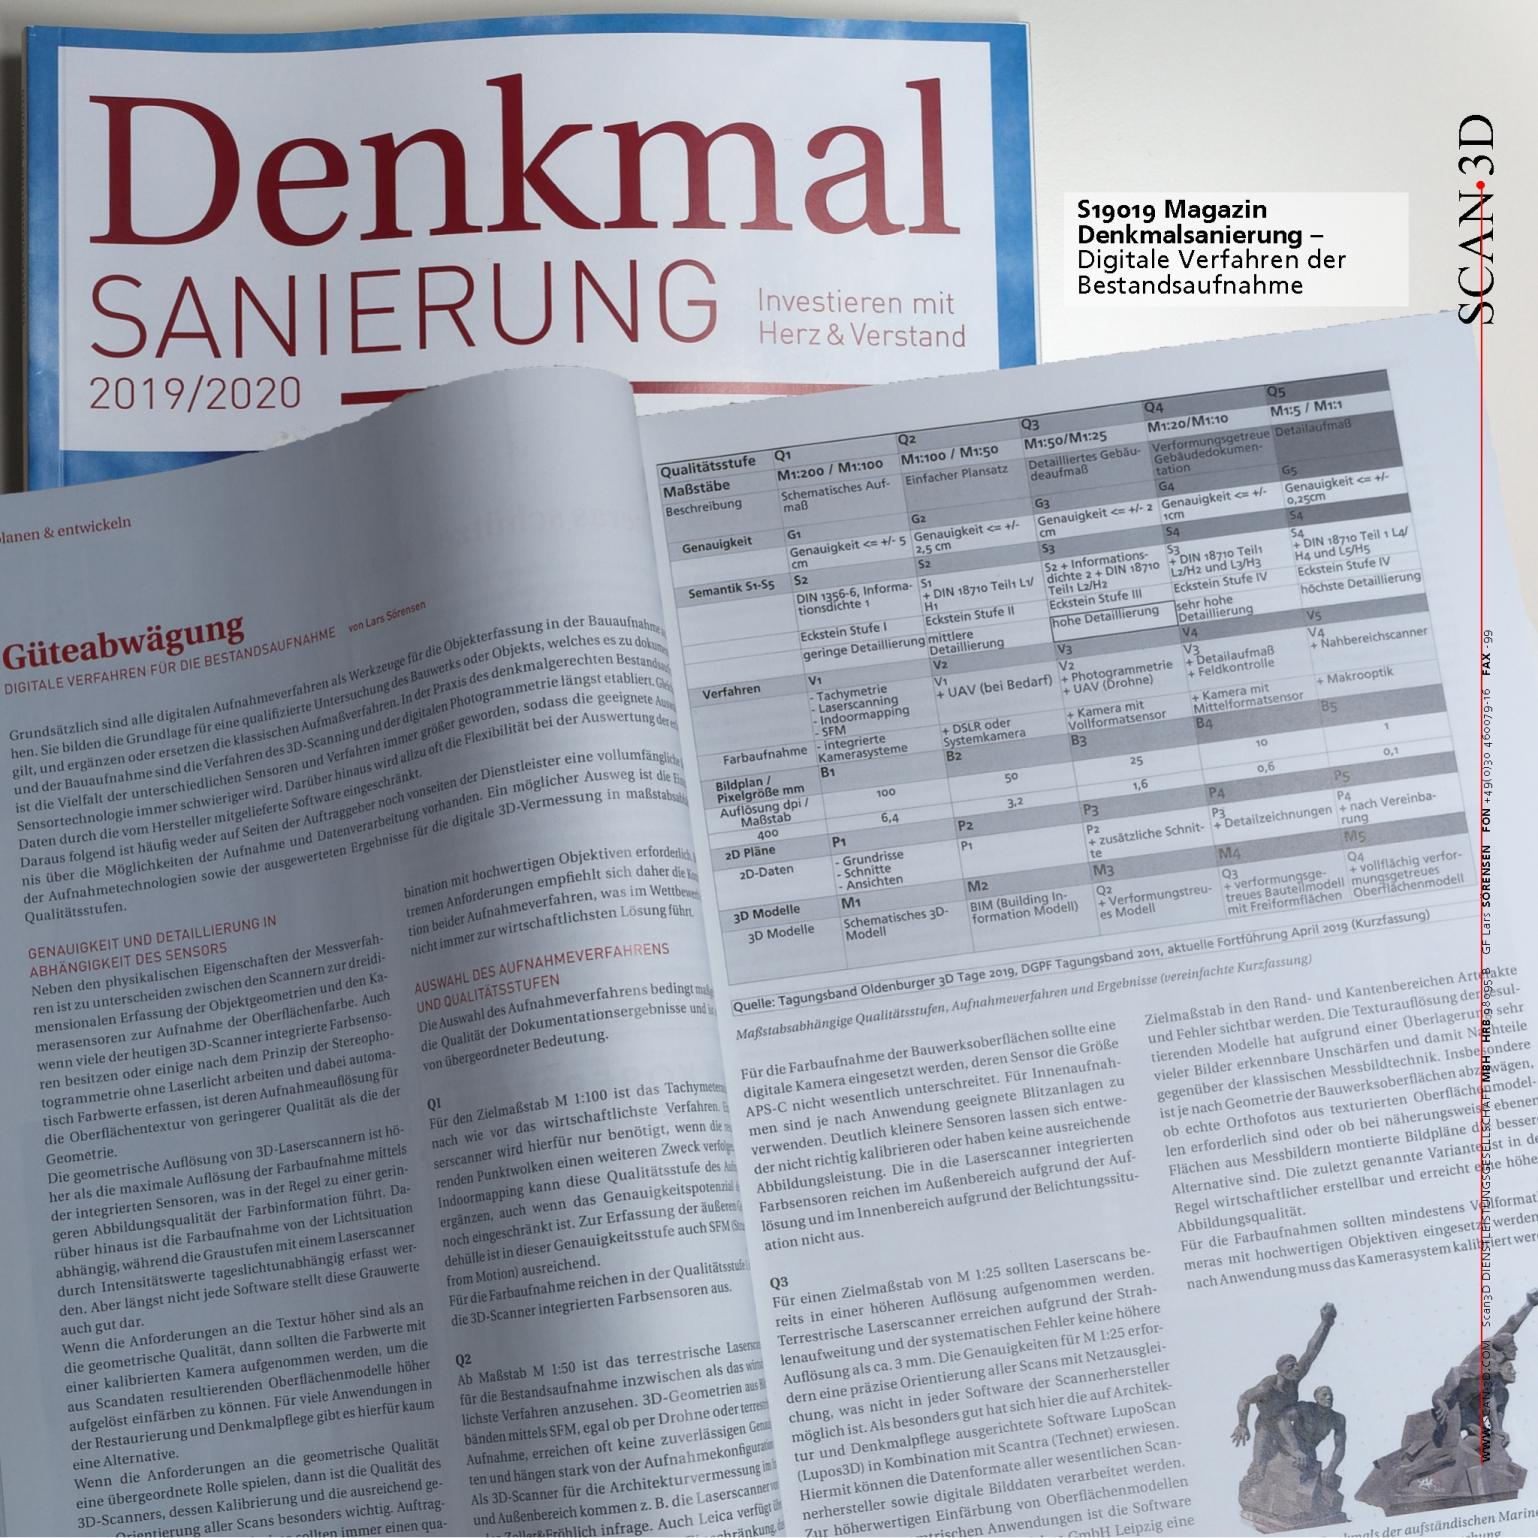 s19019-mappe-01-denkmalsanierung_1.jpg